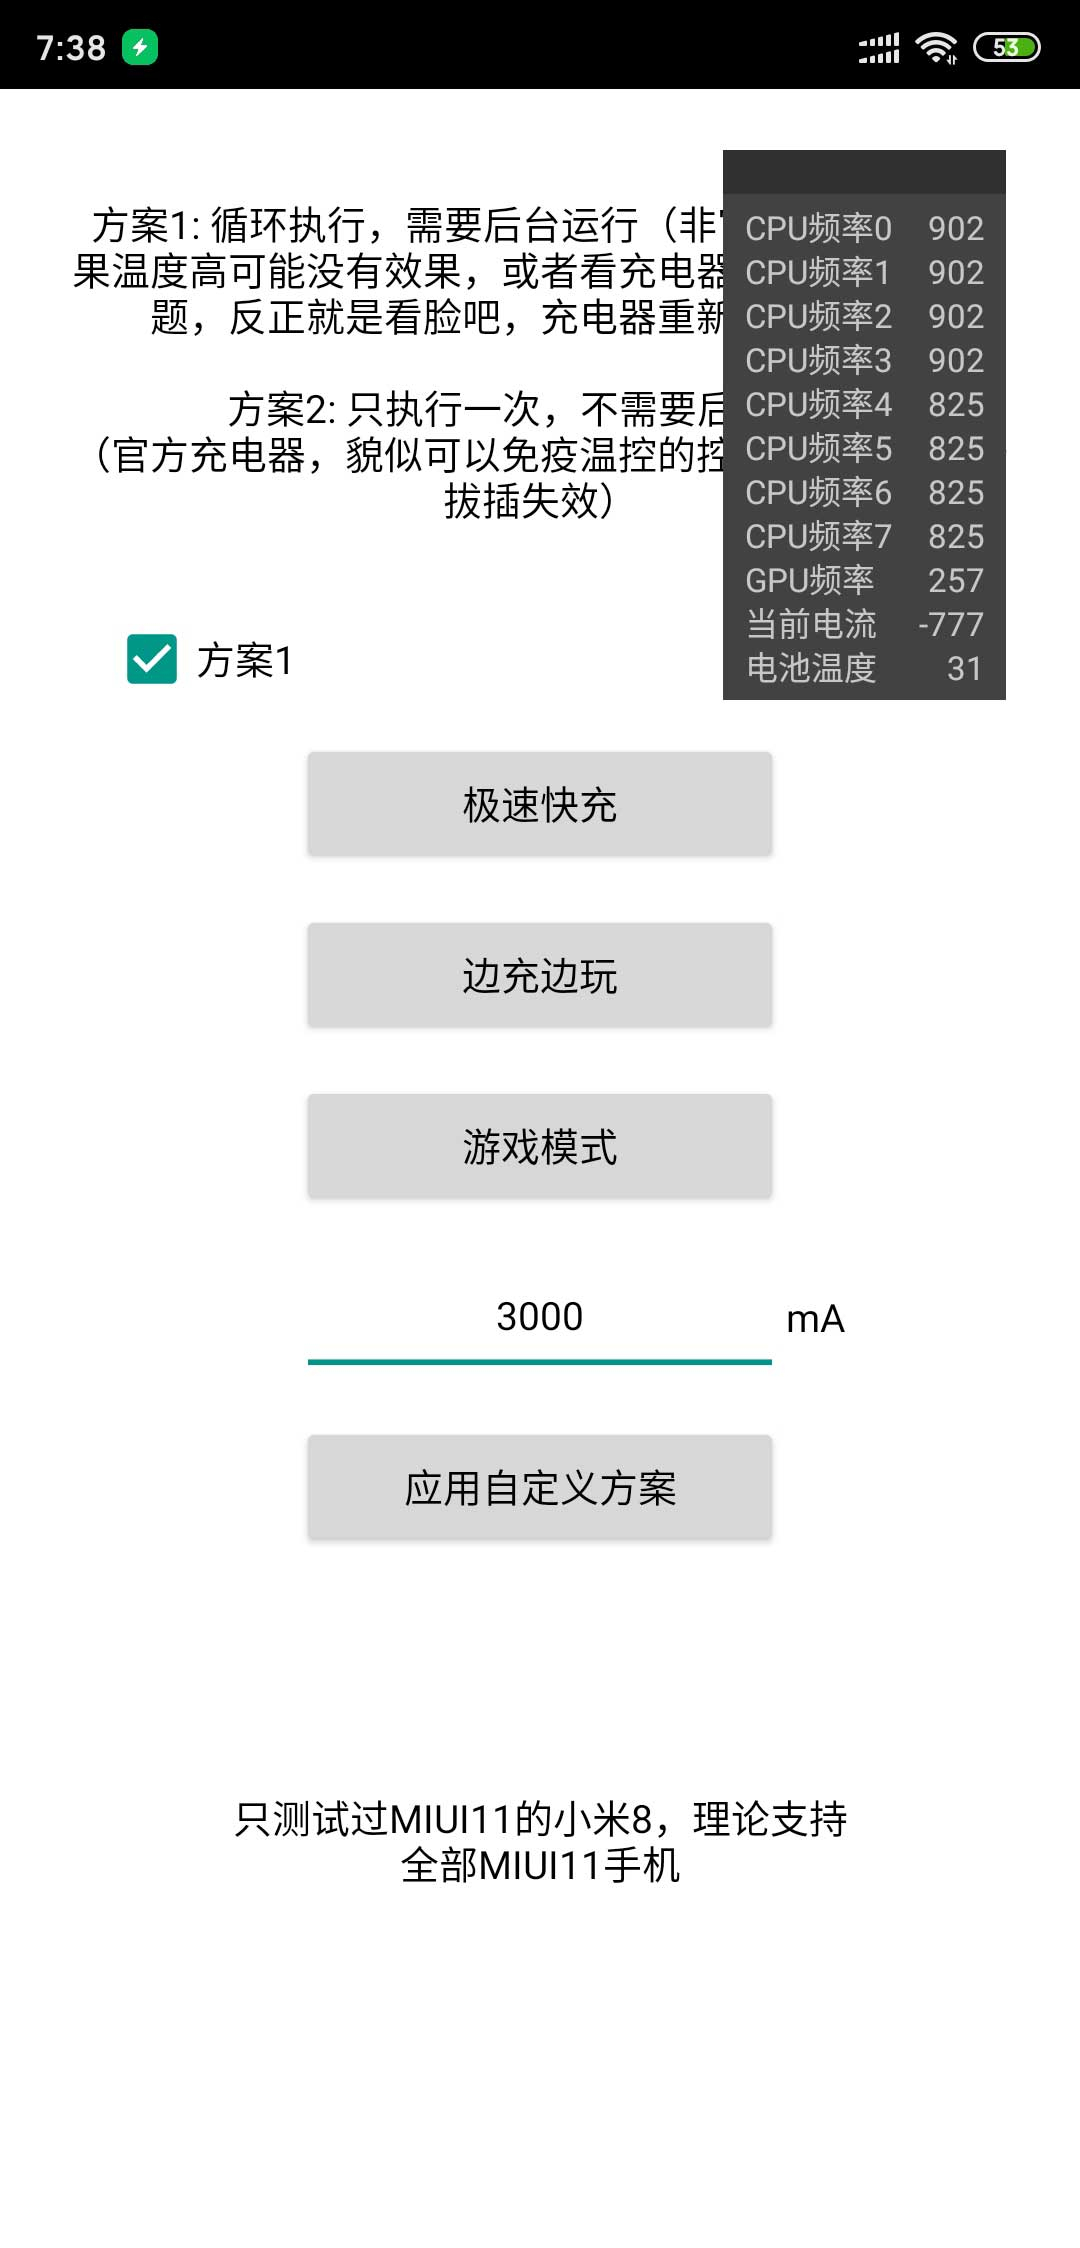 【资源分享】MIUI11快充-爱小助